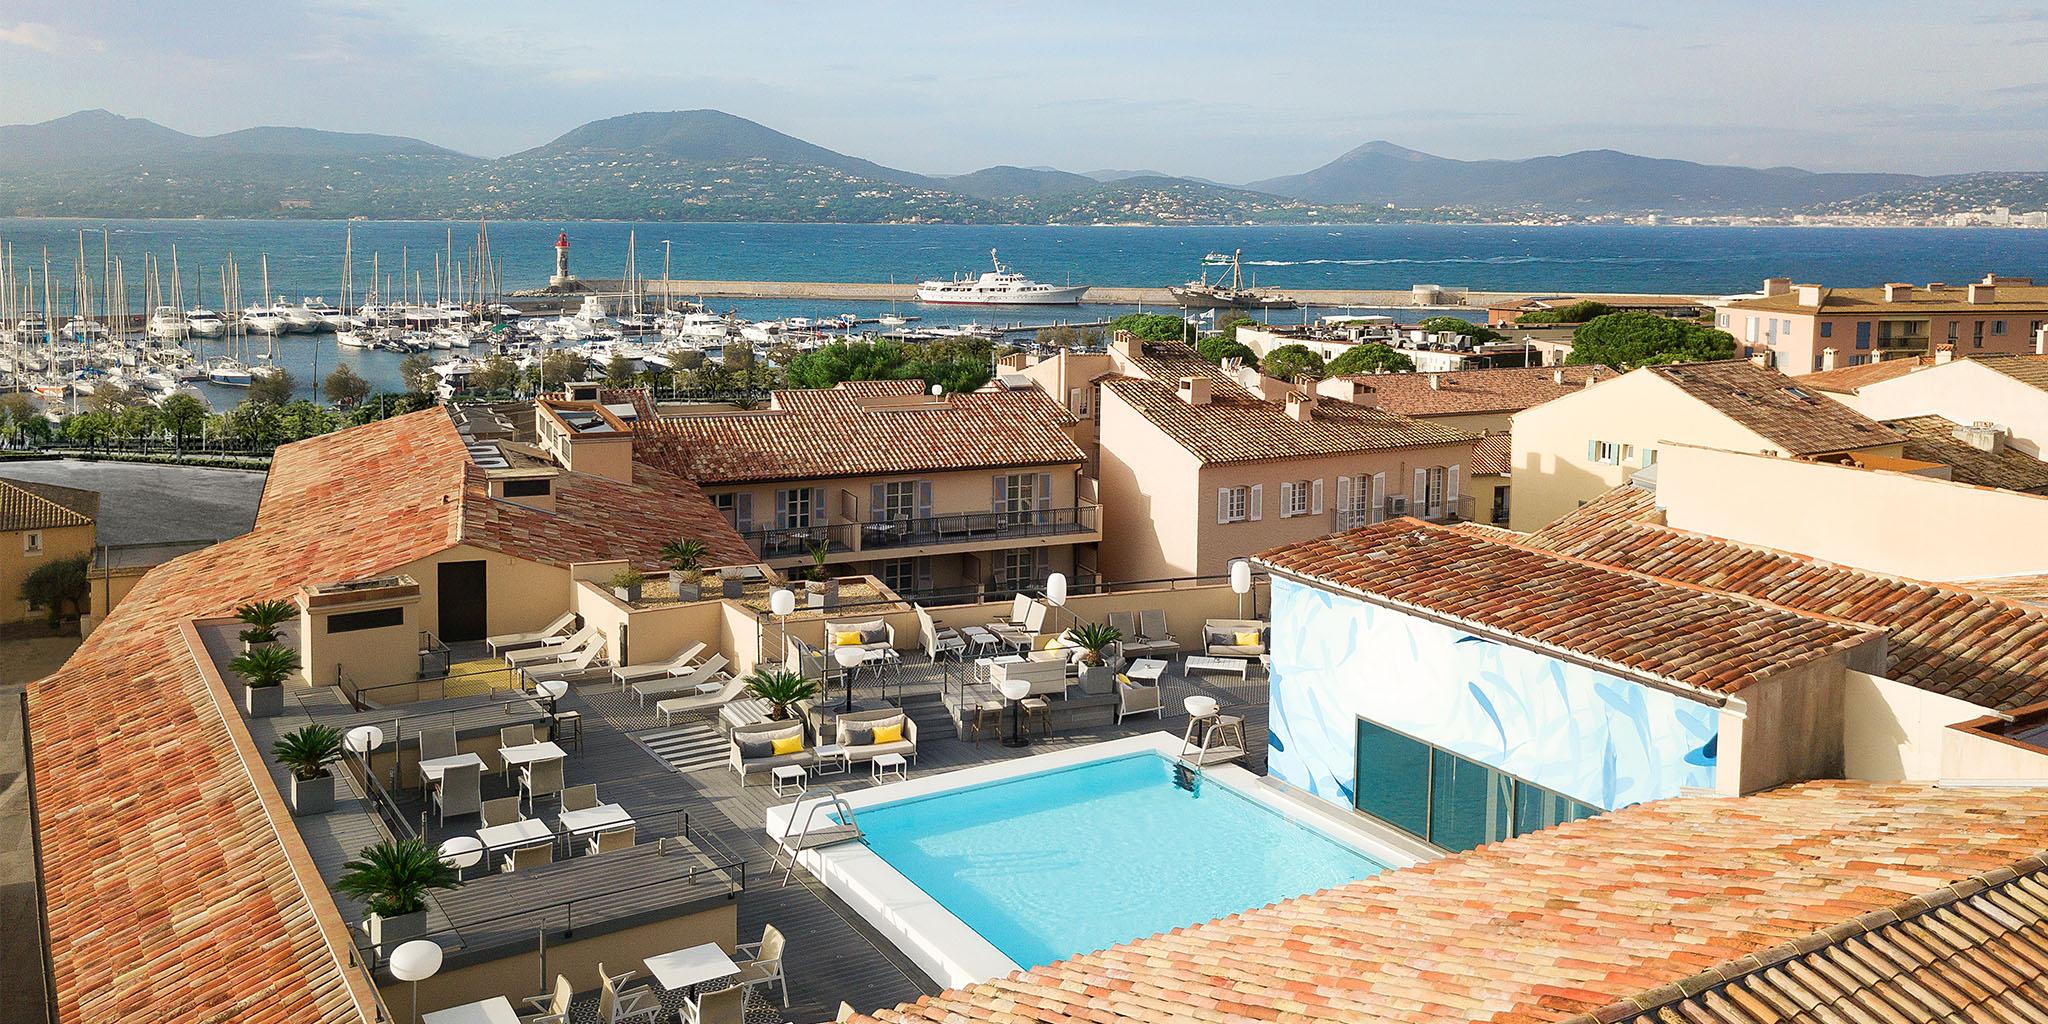 rooftop 2 hotel de paris saint tropez